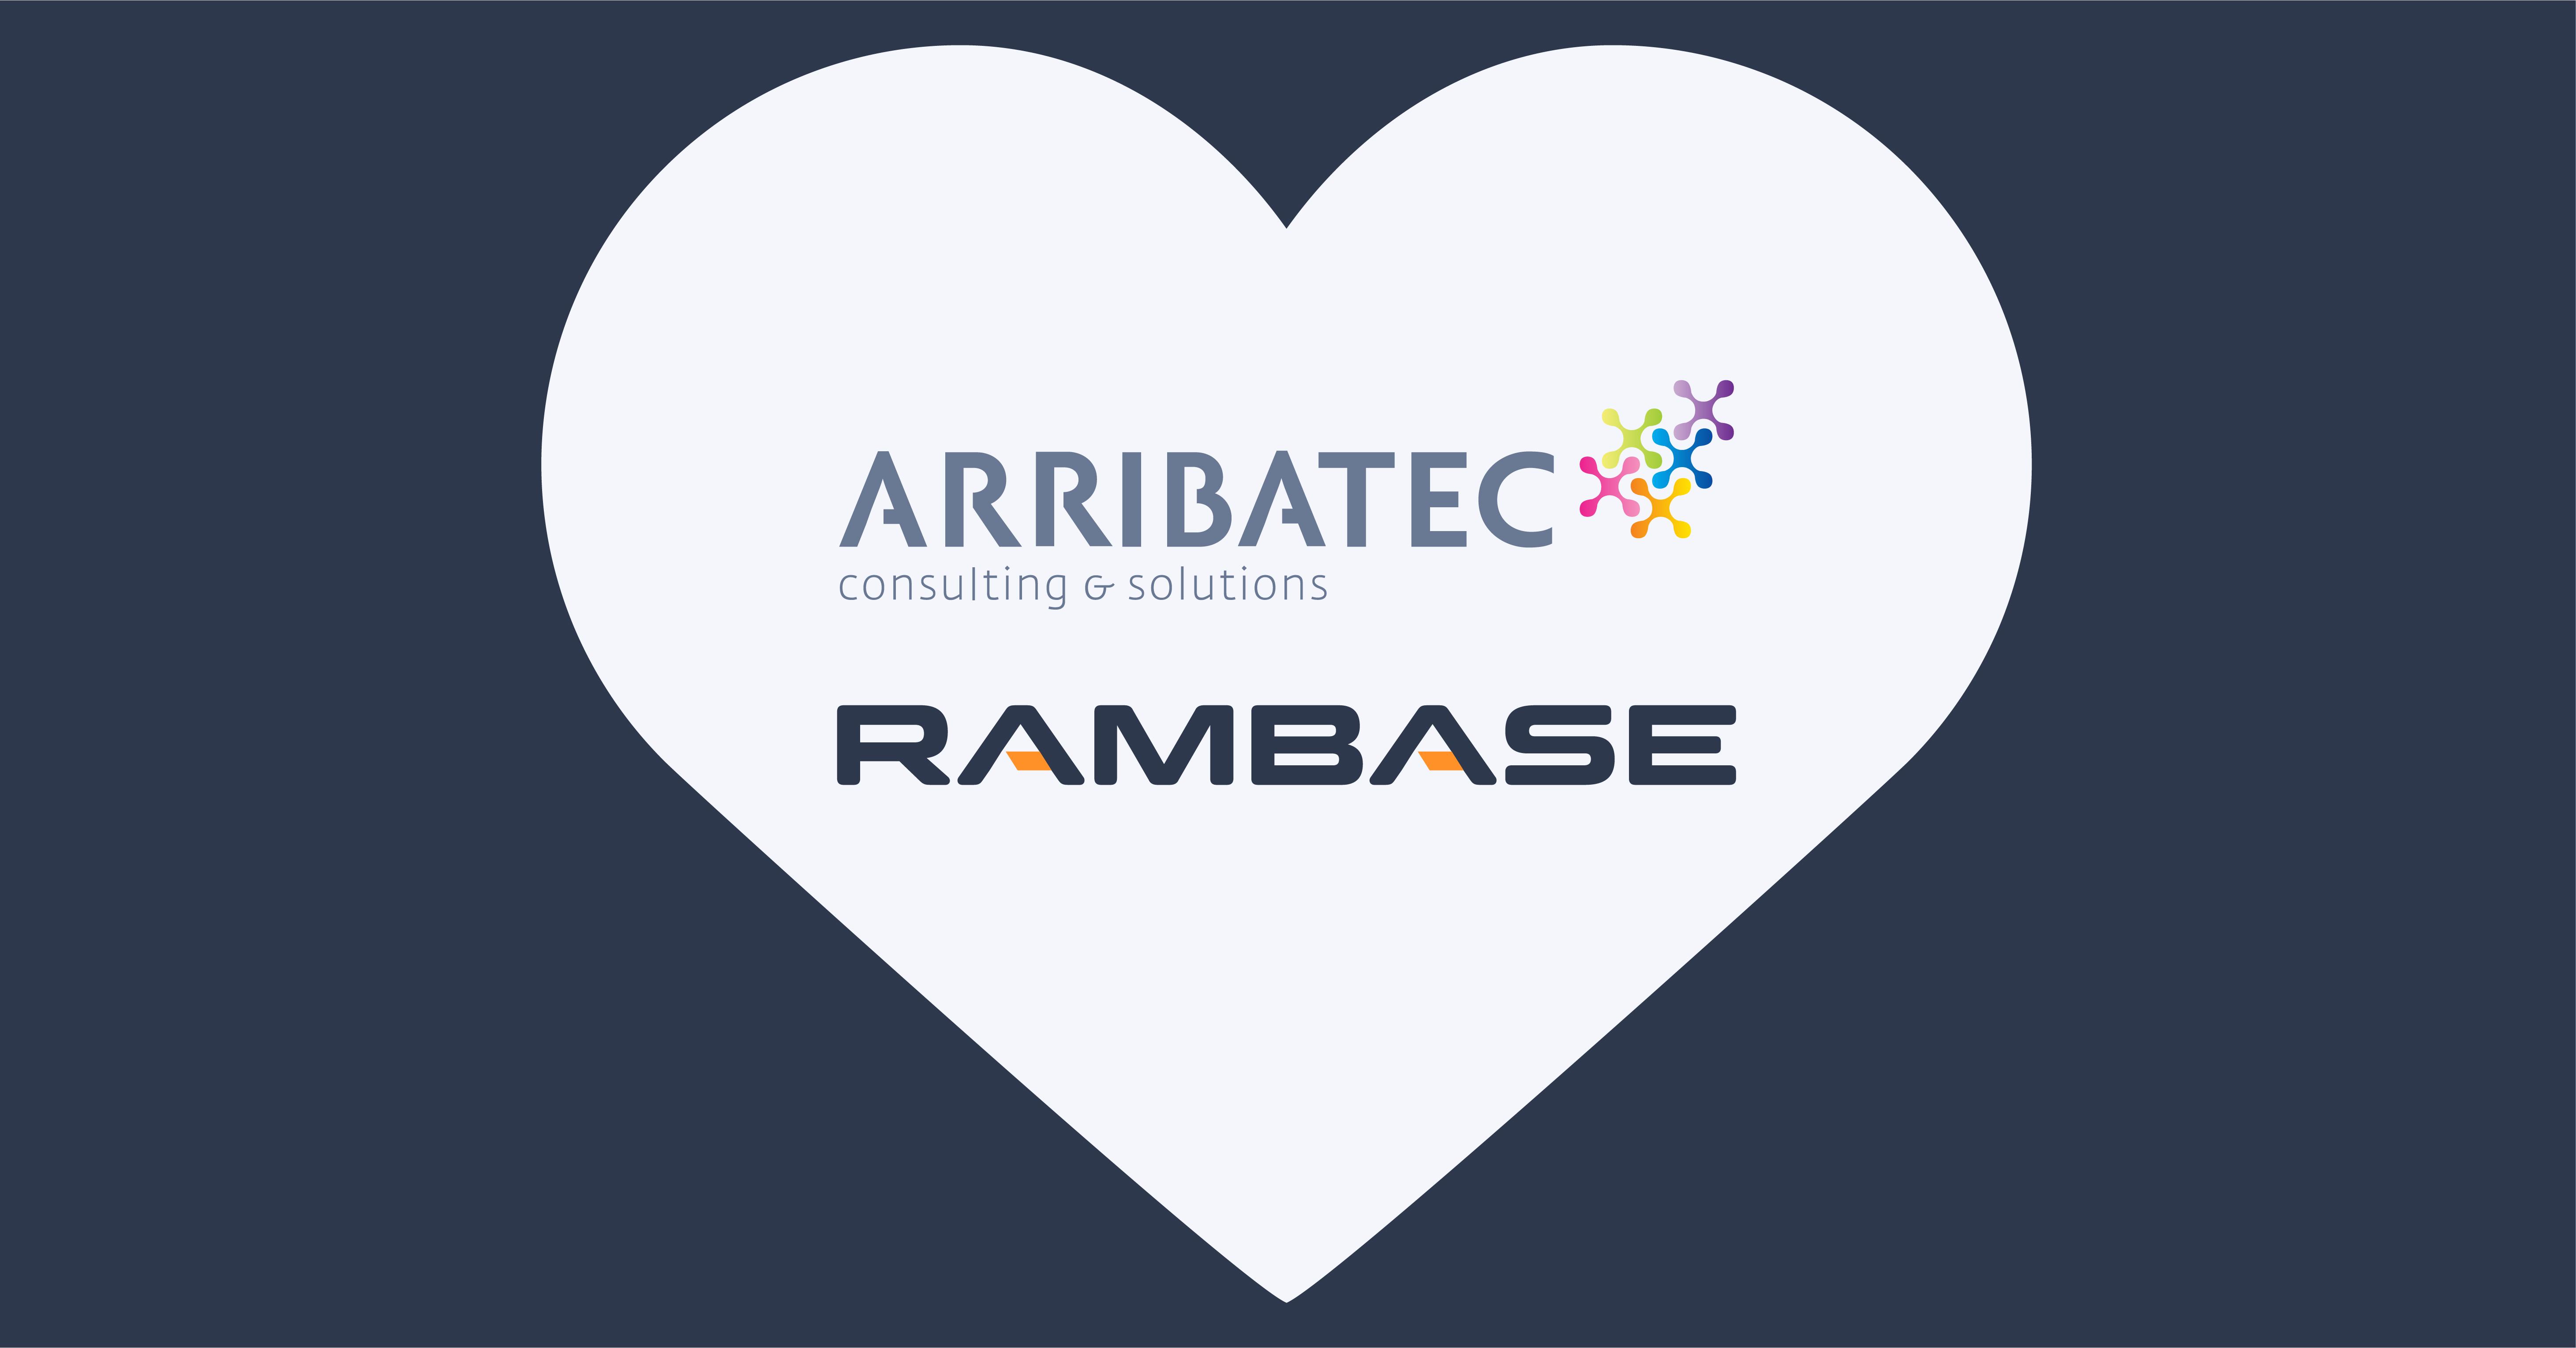 New Partner: Arribatec